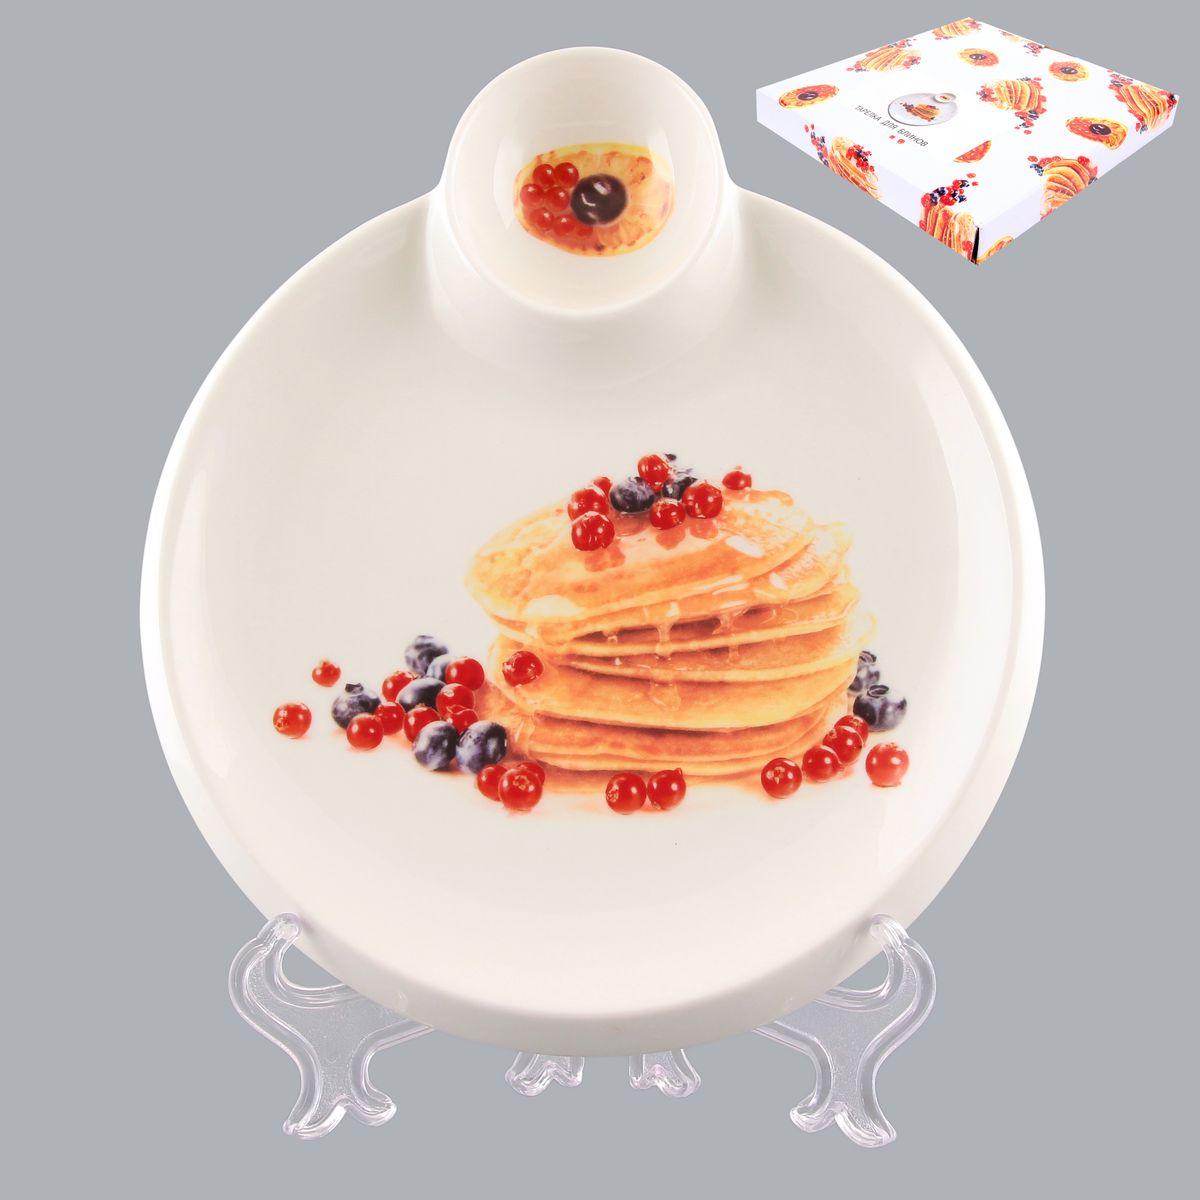 Тарелка для блинов Elan Gallery Блины с ягодами, с соусницей, диаметр 20 смVT-1520(SR)Круглая тарелка Elan Gallery Блины с ягодами, изготовленная из керамики и декорированная ярким и аппетитным изображением, позволит красиво подать блины. А благодаря небольшой соуснице вам не потребуется дополнительной посуды под варенье или соус. Такая тарелка украсит сервировку вашего стола и подчеркнет прекрасный вкус хозяина, а также станет отличным подарком. Диаметр тарелки: 20 см. Высота: 2 см. Диаметр соусницы: 6 см.